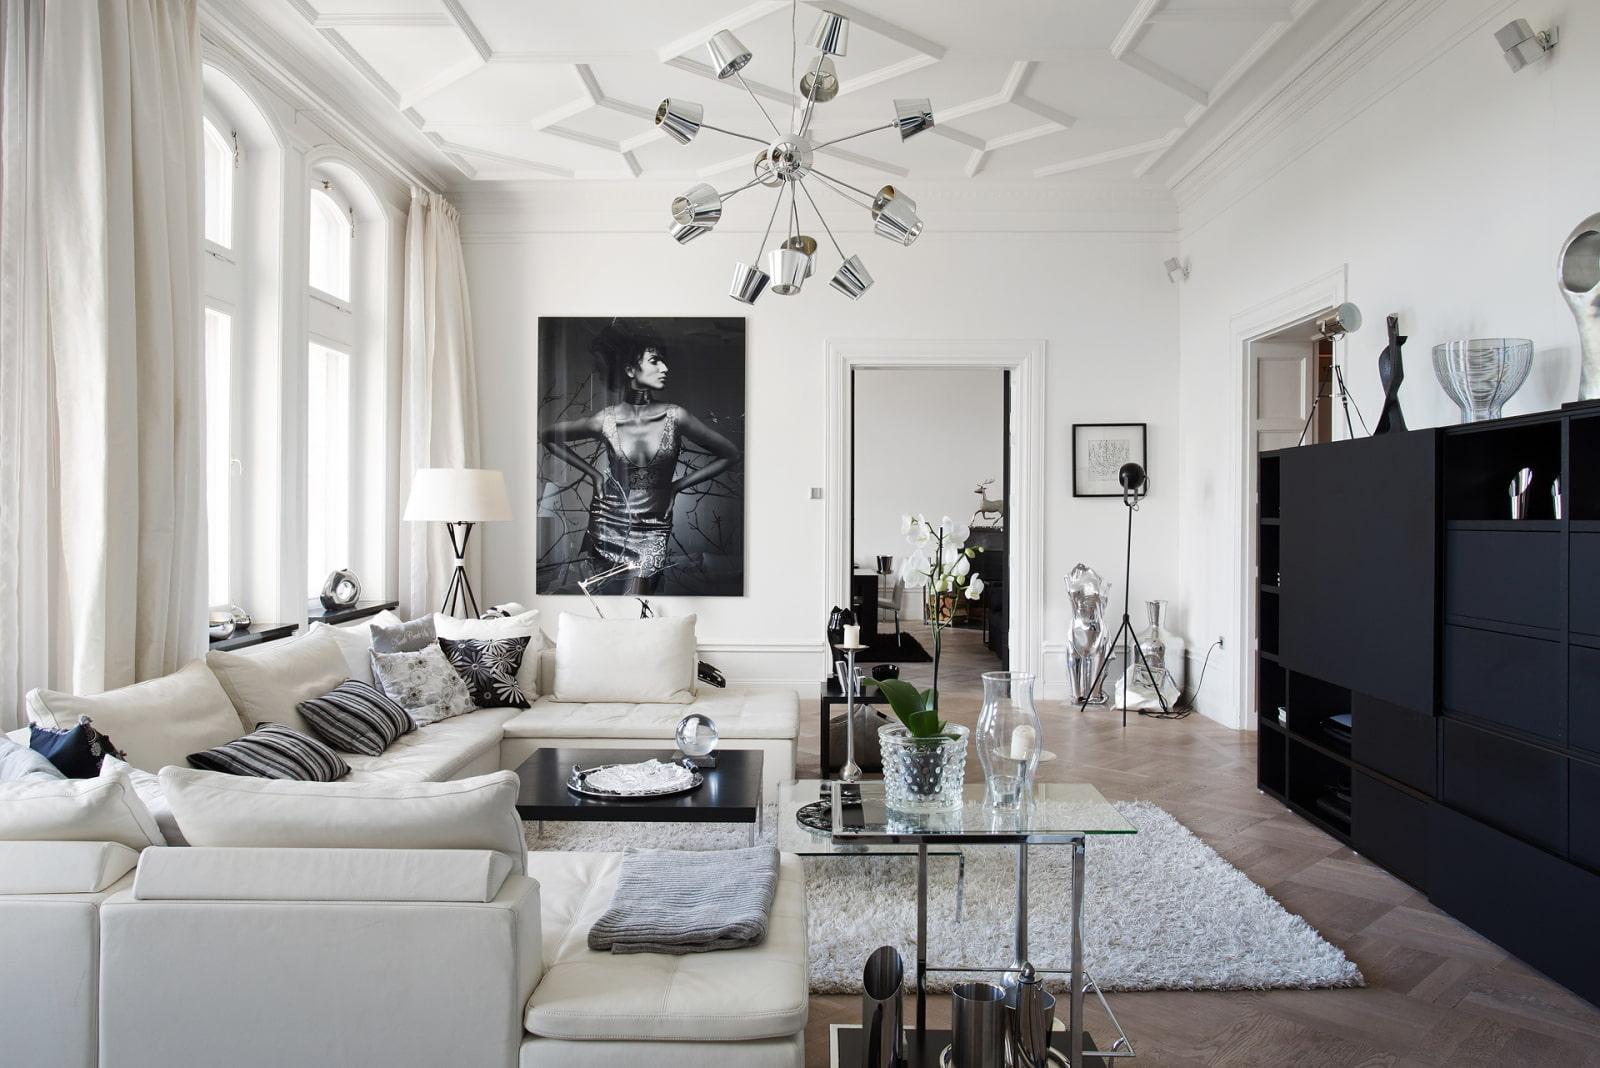 черно белые фото в интерьере гостиной познавательных фото, которые